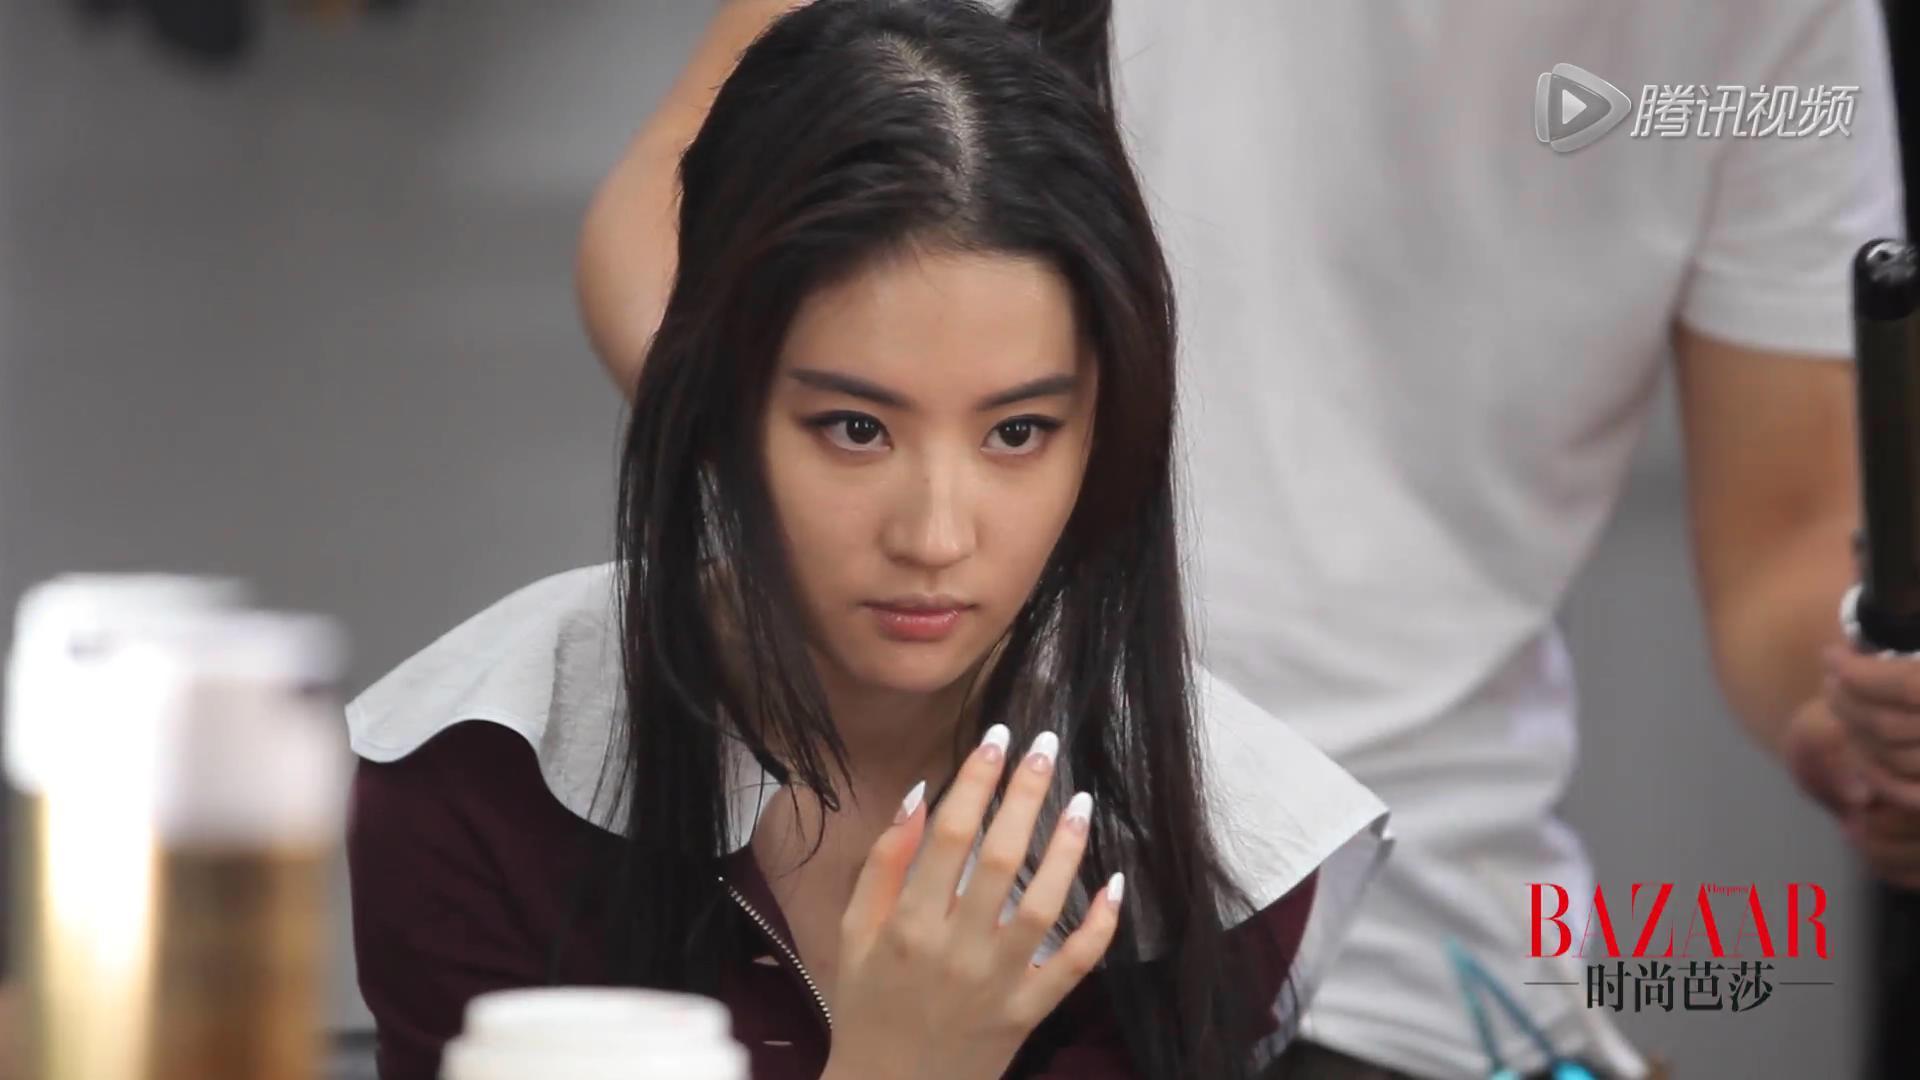 《时尚芭莎》花絮(2014.10.27)